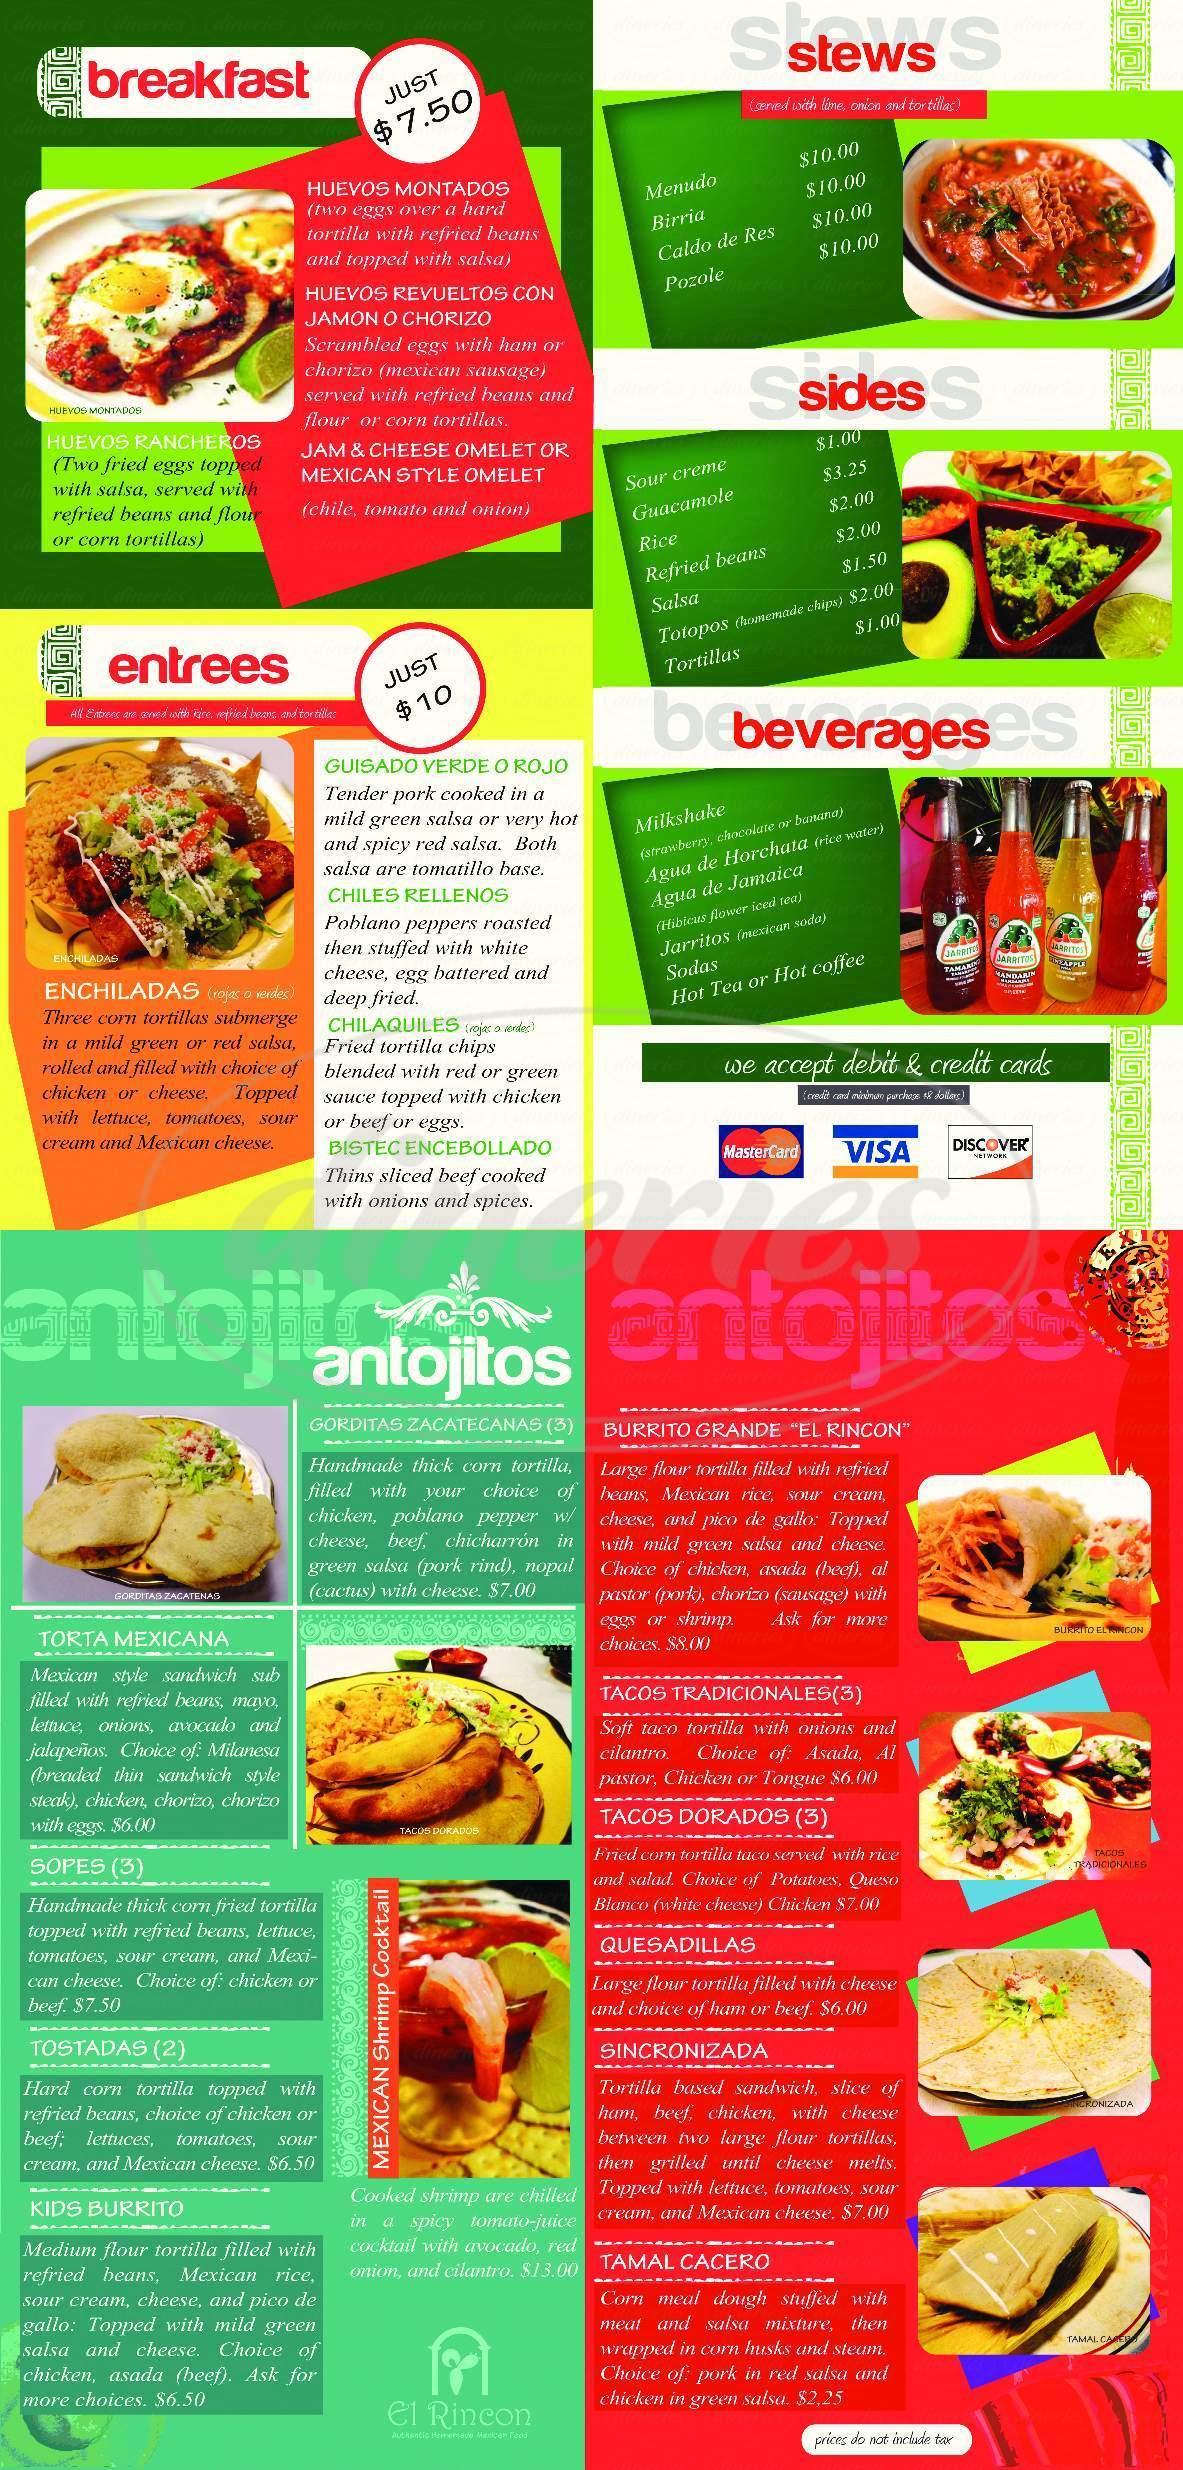 menu for El Rincon Zacatecano Taqueria